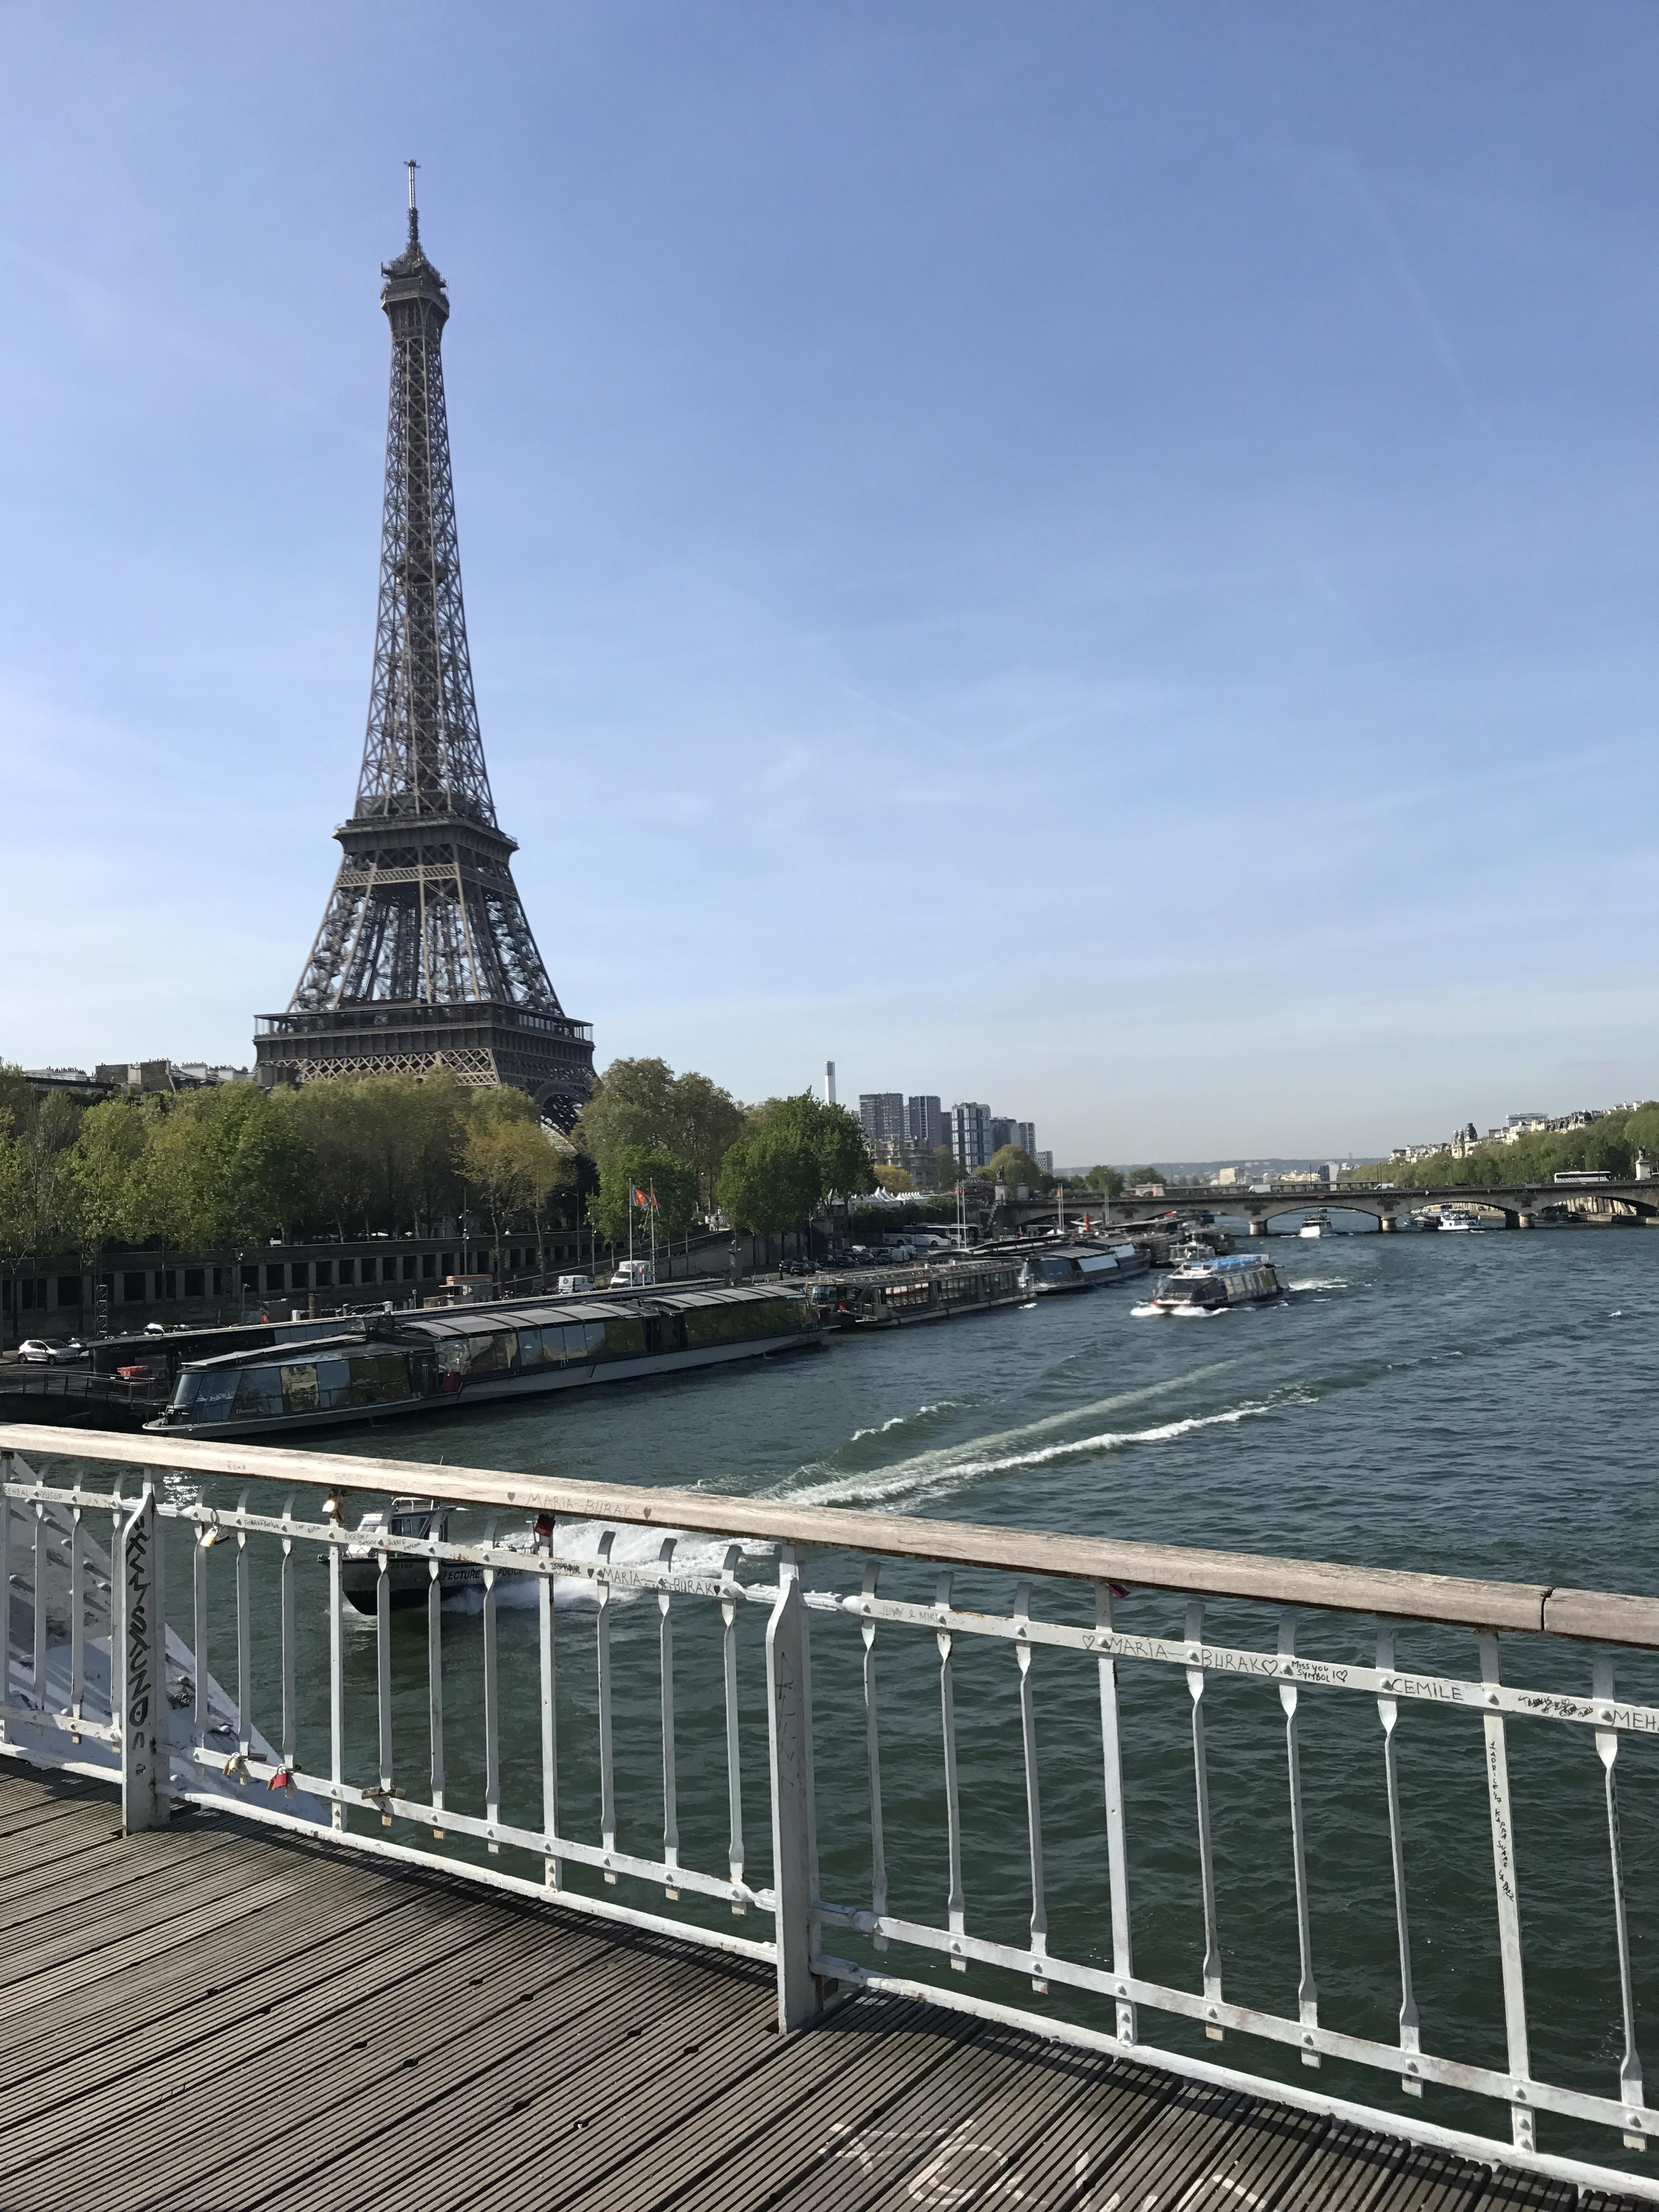 פריז - סגורה בחלקה (צילום: דניאל דויד שליבו) (צילום: דניאל דויד שליבו)